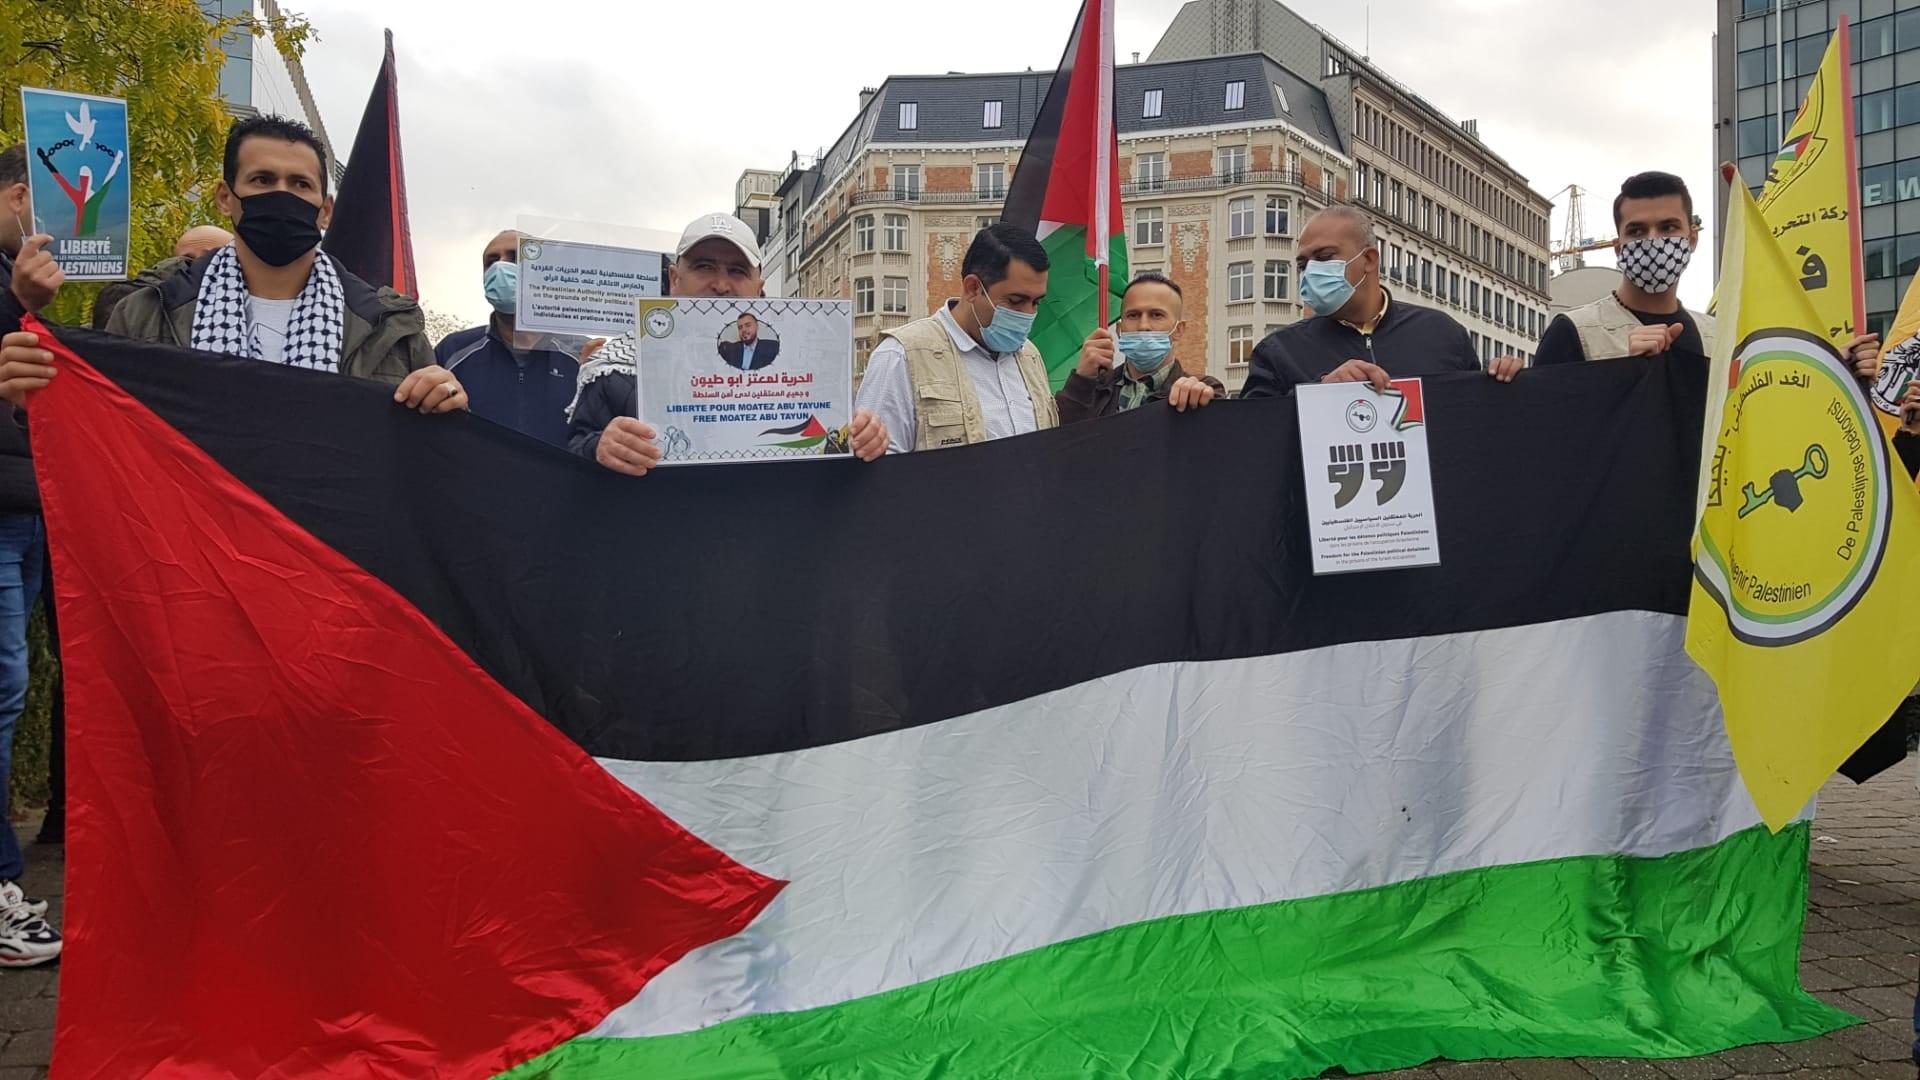 شاهد: فلسطينو بلجيكا يُنظمون وقفة تضامنية مع الأسرى ومُنددة بالاعتقال السياسي